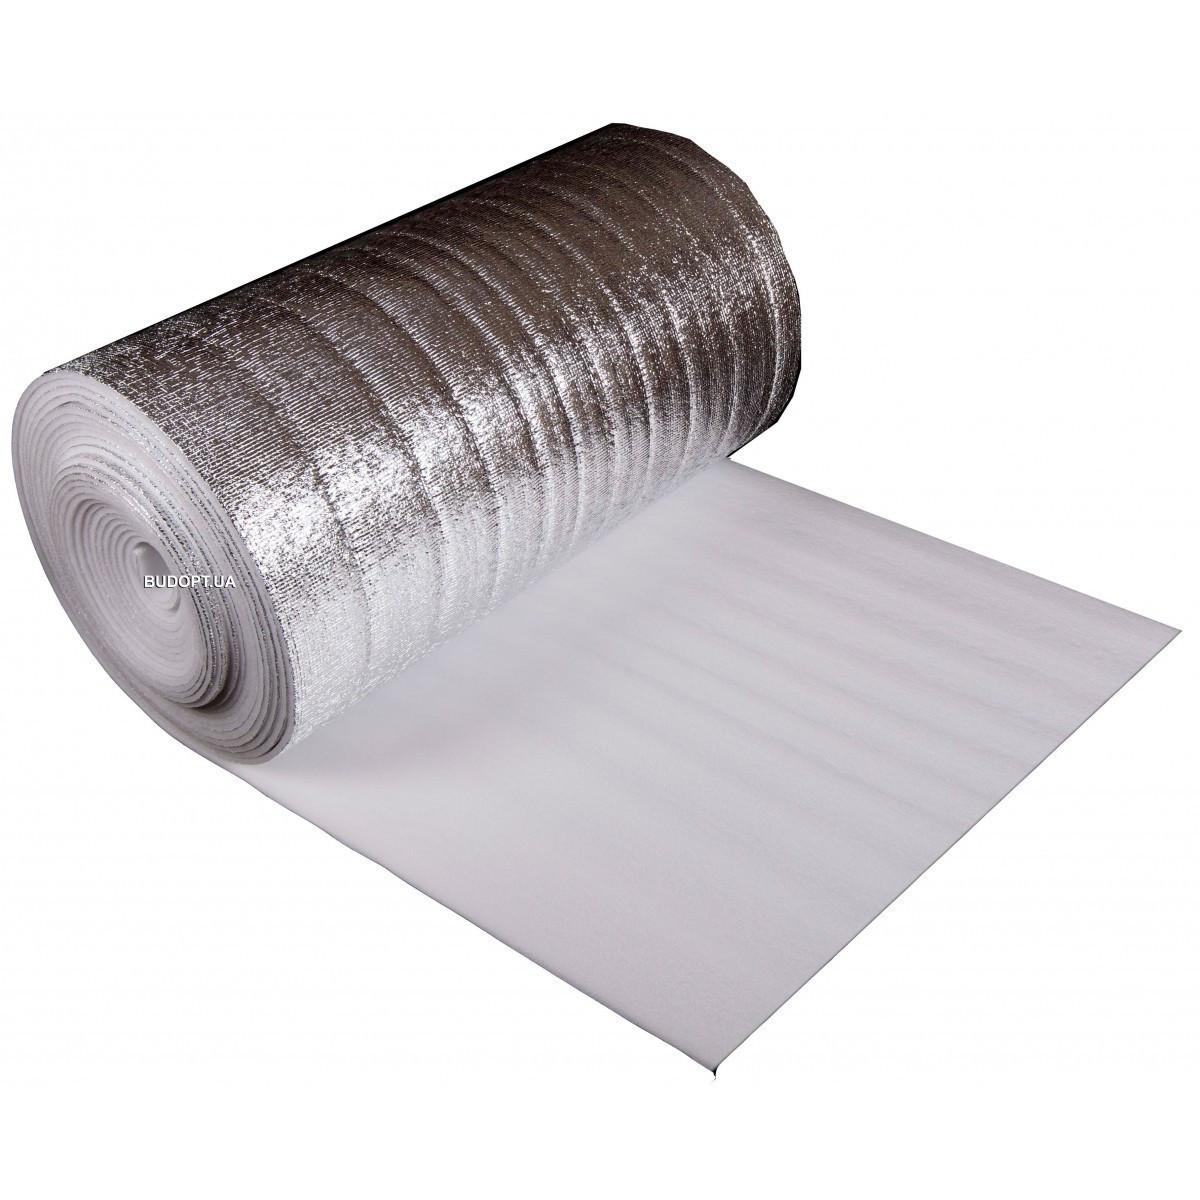 Спінений поліетилен ламінований ППЕЛ-1м х 50м товщина 8 мм (підкладка під теплу підлогу)